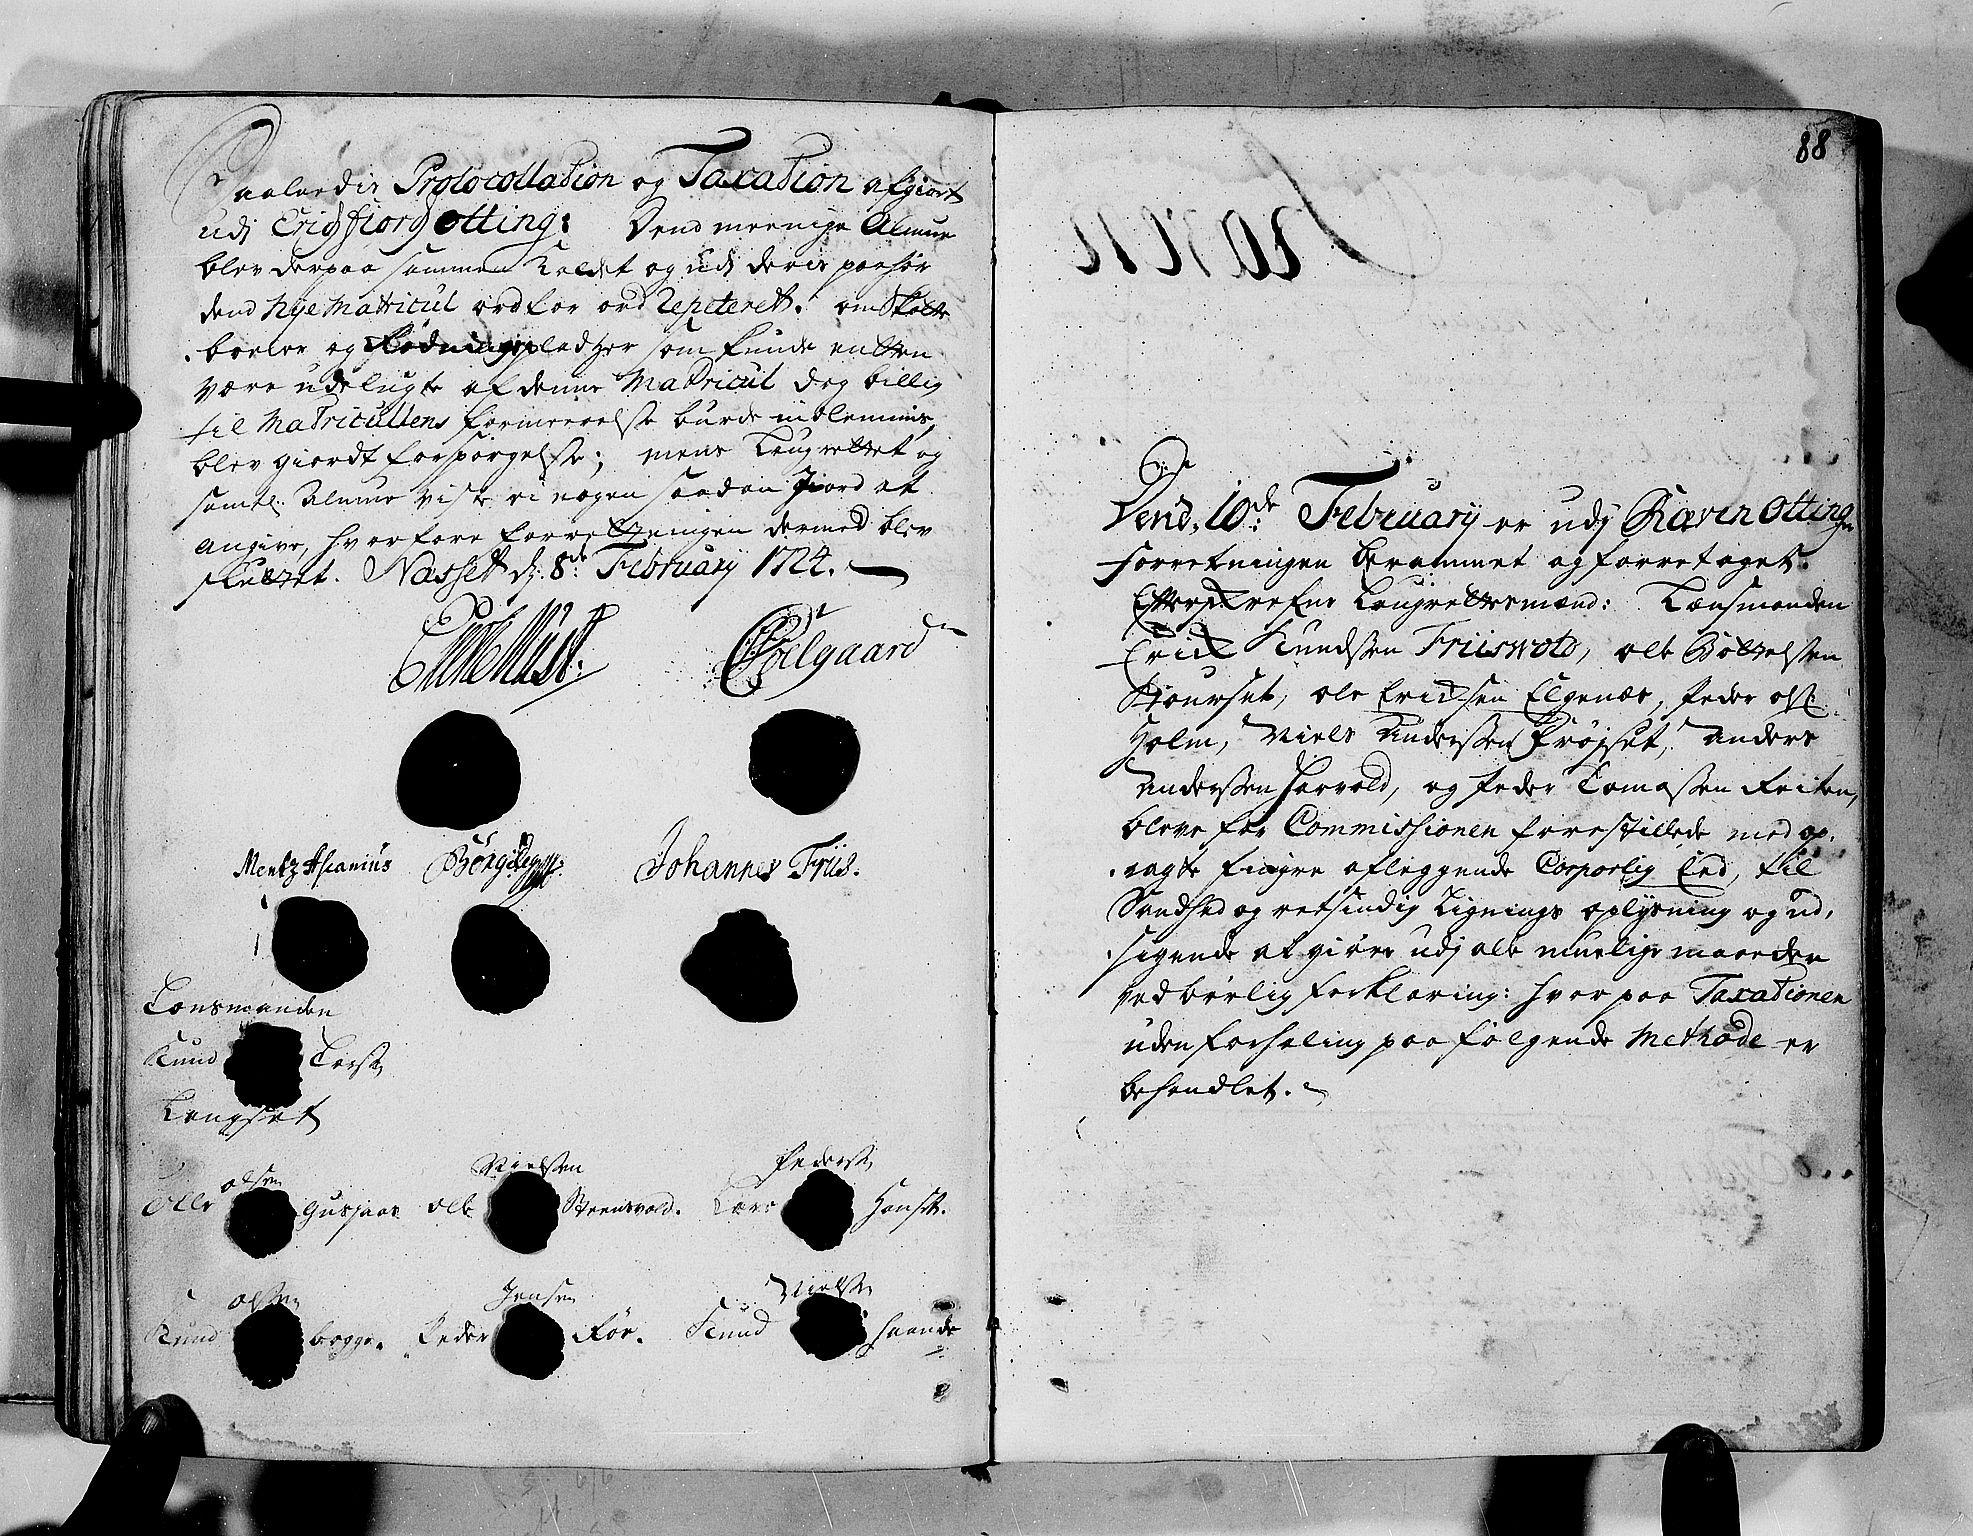 RA, Rentekammeret inntil 1814, Realistisk ordnet avdeling, N/Nb/Nbf/L0152: Romsdal eksaminasjonsprotokoll, 1724, s. 87b-88a